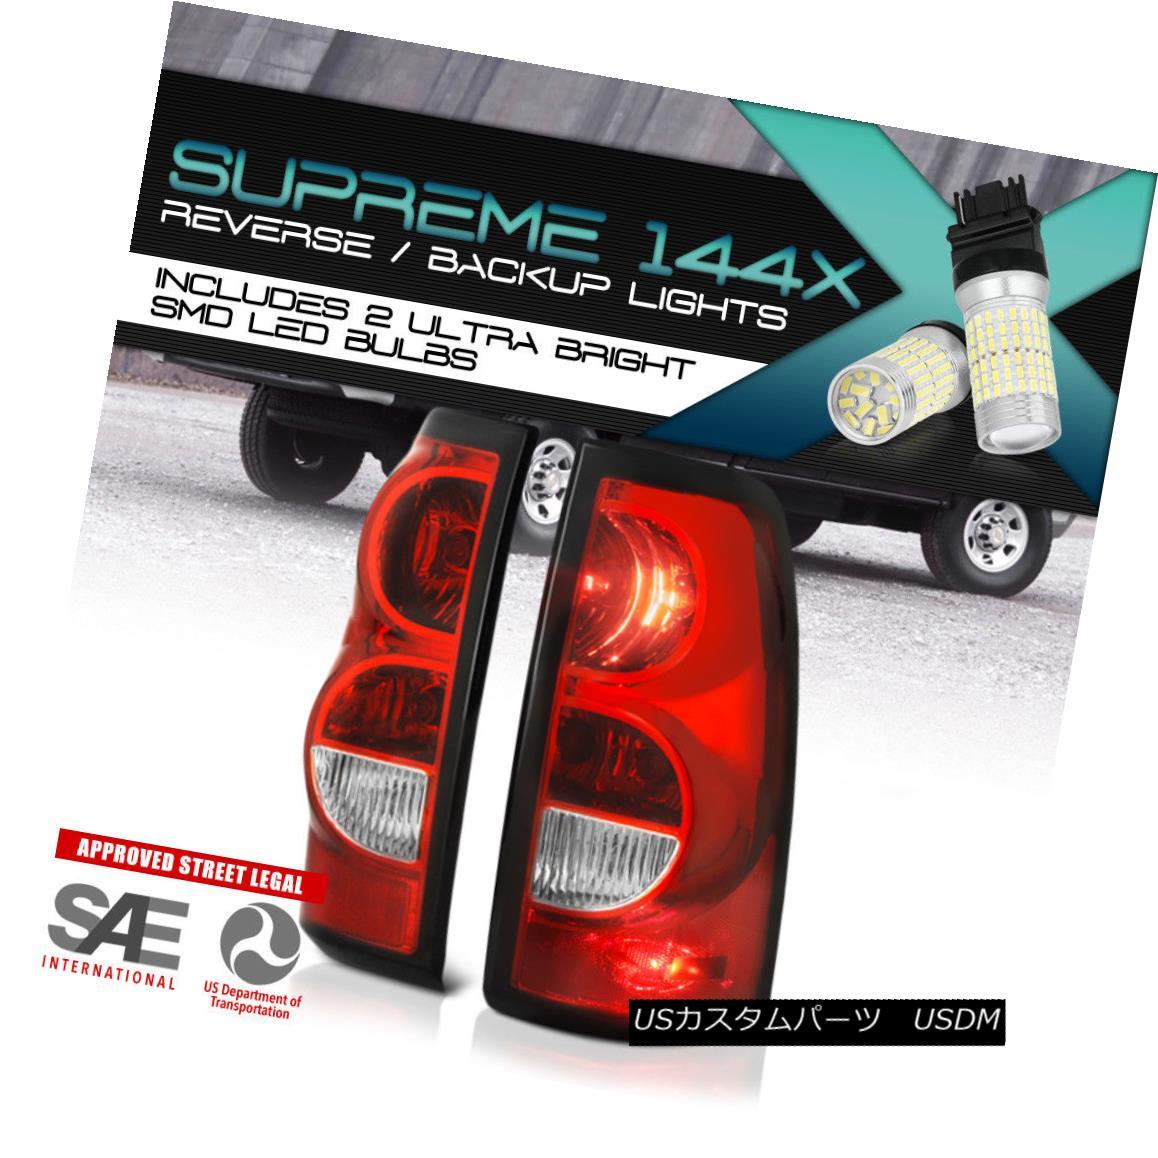 テールライト!360 Degree Degree SMD Backup! Silverado 2003-2007 Chevy Silverado Red Classic LS LT Red Tail Lights 360度SMDバックアップ! 2003-2007シボレーシルバラードクラシックLS LTレッドテールライト, 宮原町:1ebedefc --- officewill.xsrv.jp